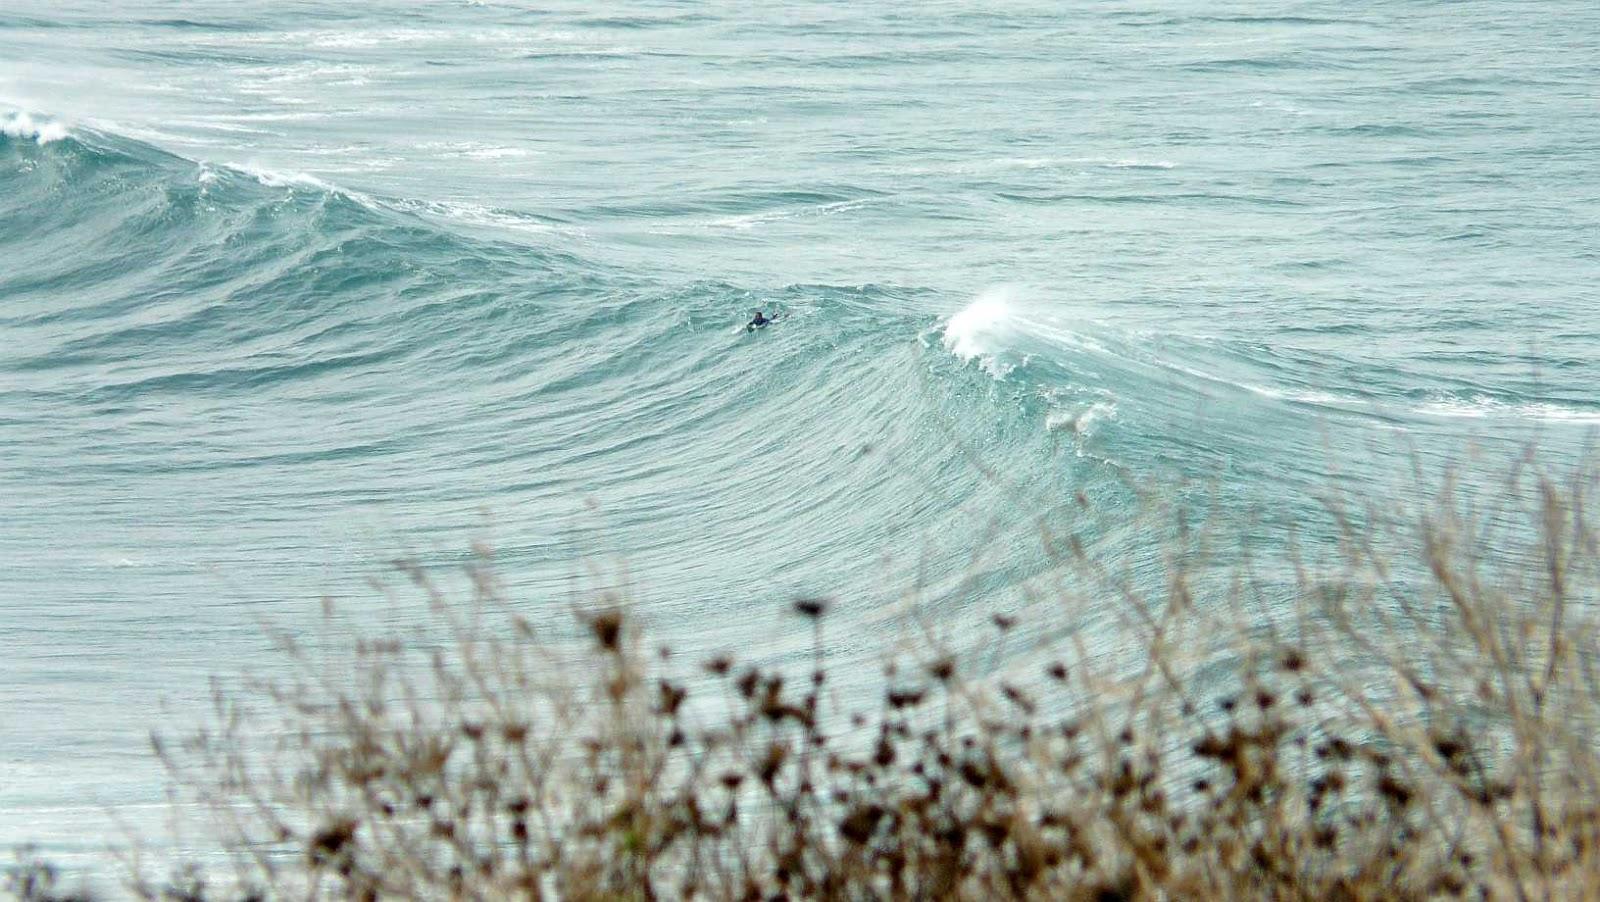 sesion otono menakoz septiembre 2015 surf olas grandes 22